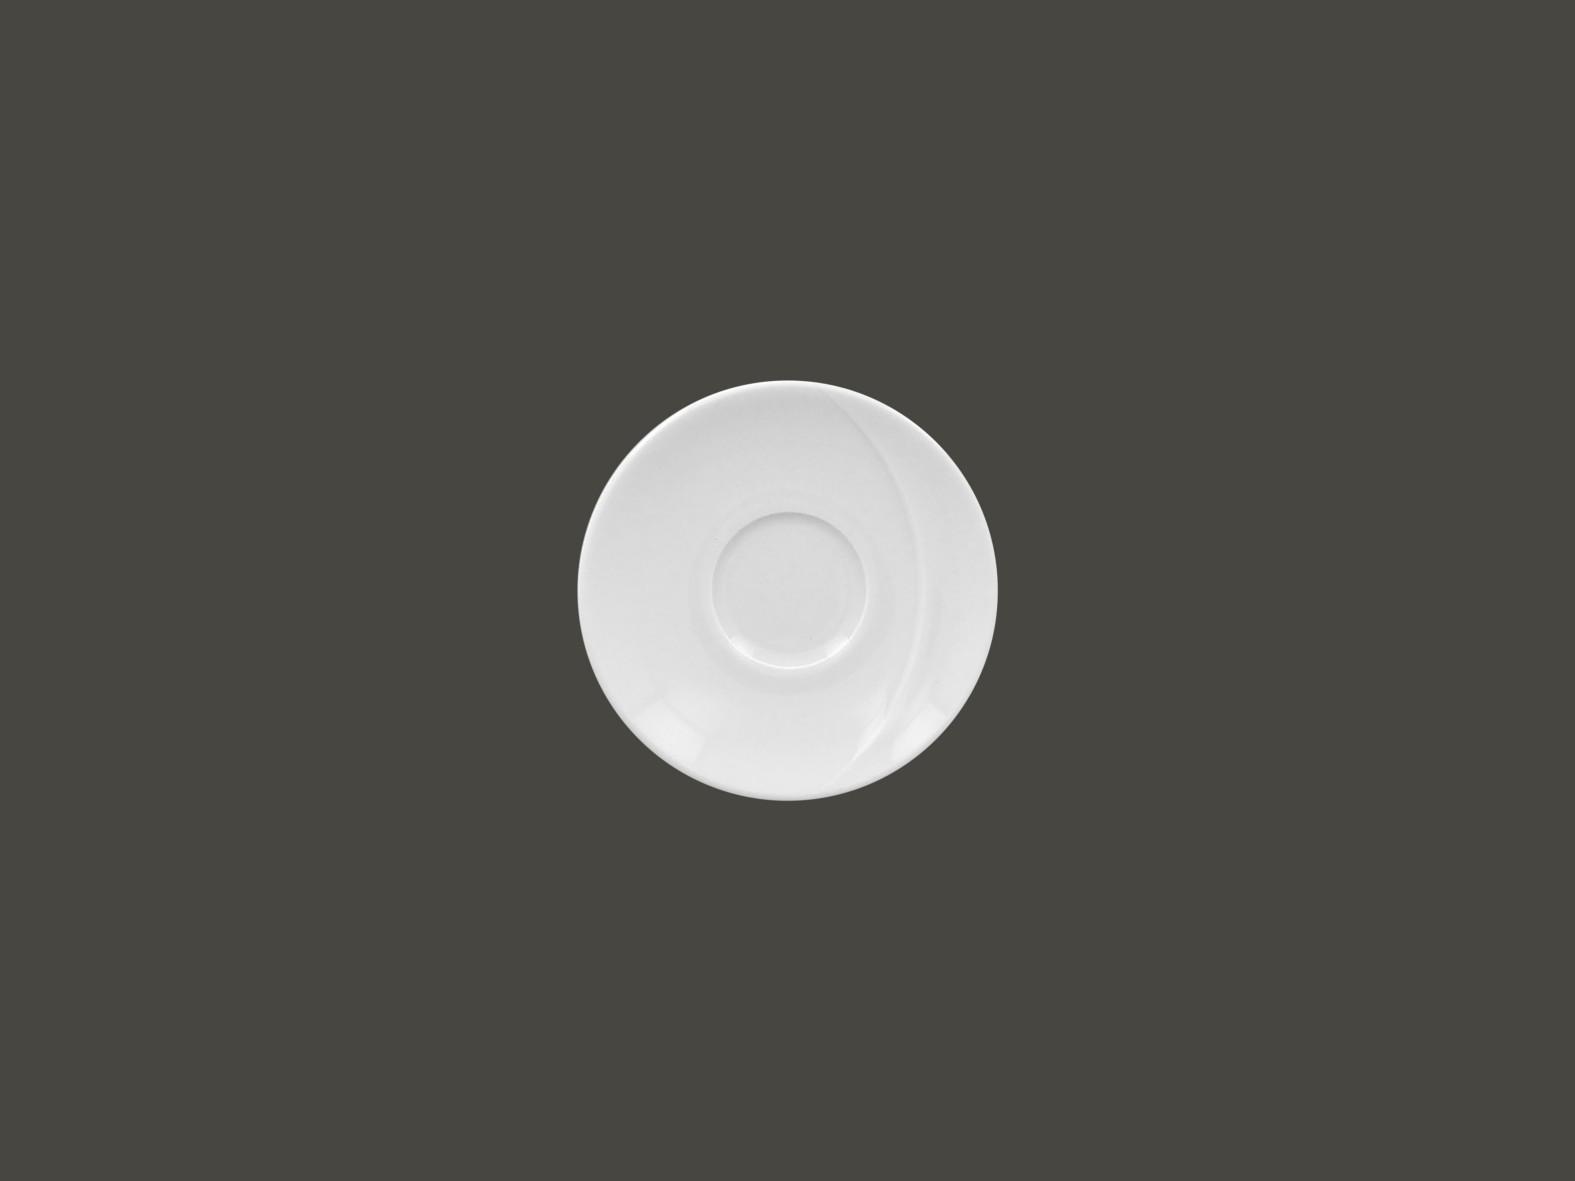 Moon podšálek 11,2 cm pro šálek RAK-MOCU09